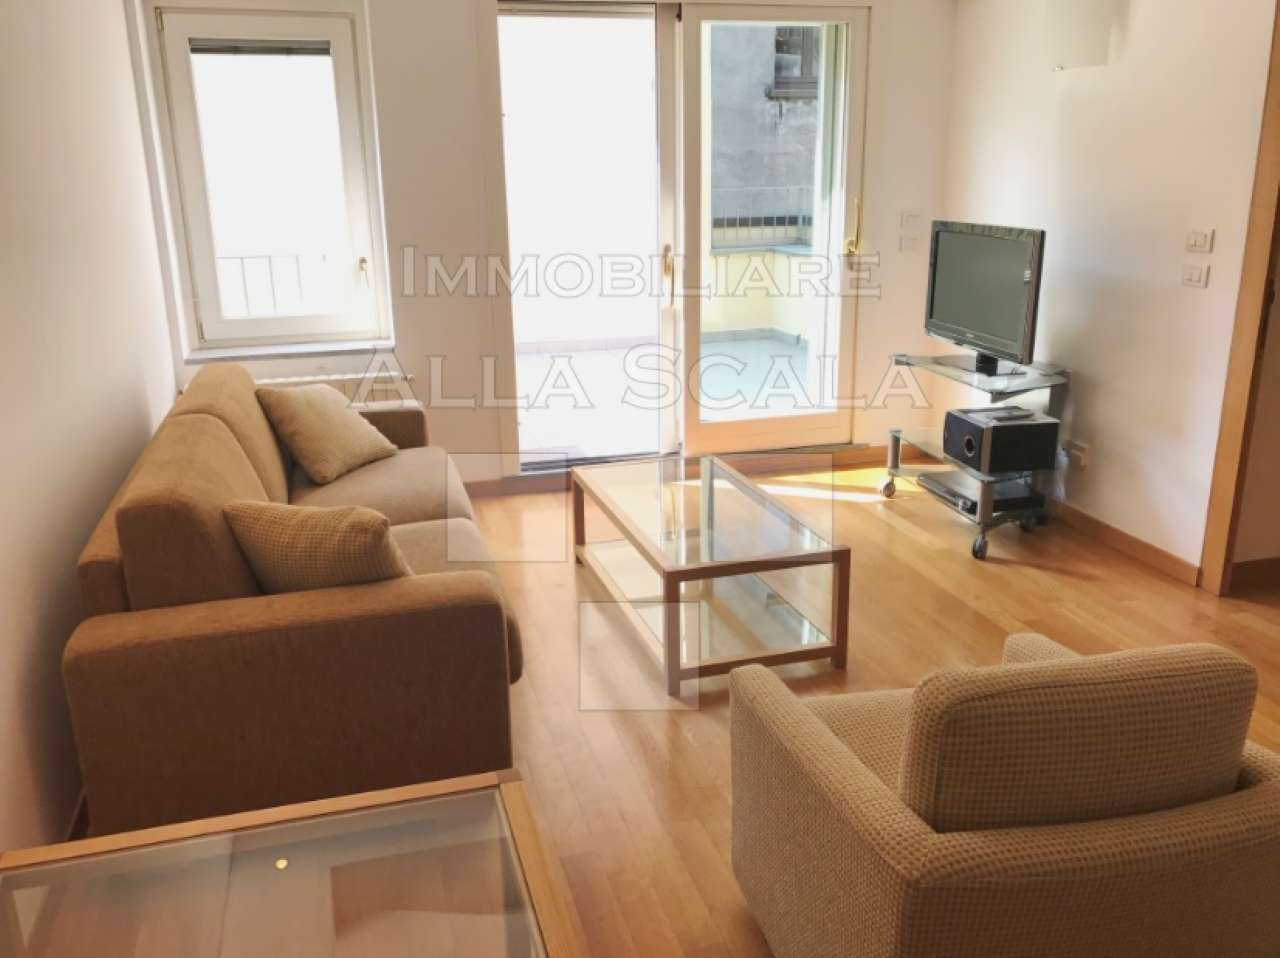 Attico / Mansarda in affitto a Milano, 2 locali, zona Zona: 1 . Centro Storico, Duomo, Brera, Cadorna, Cattolica, prezzo € 2.415   CambioCasa.it